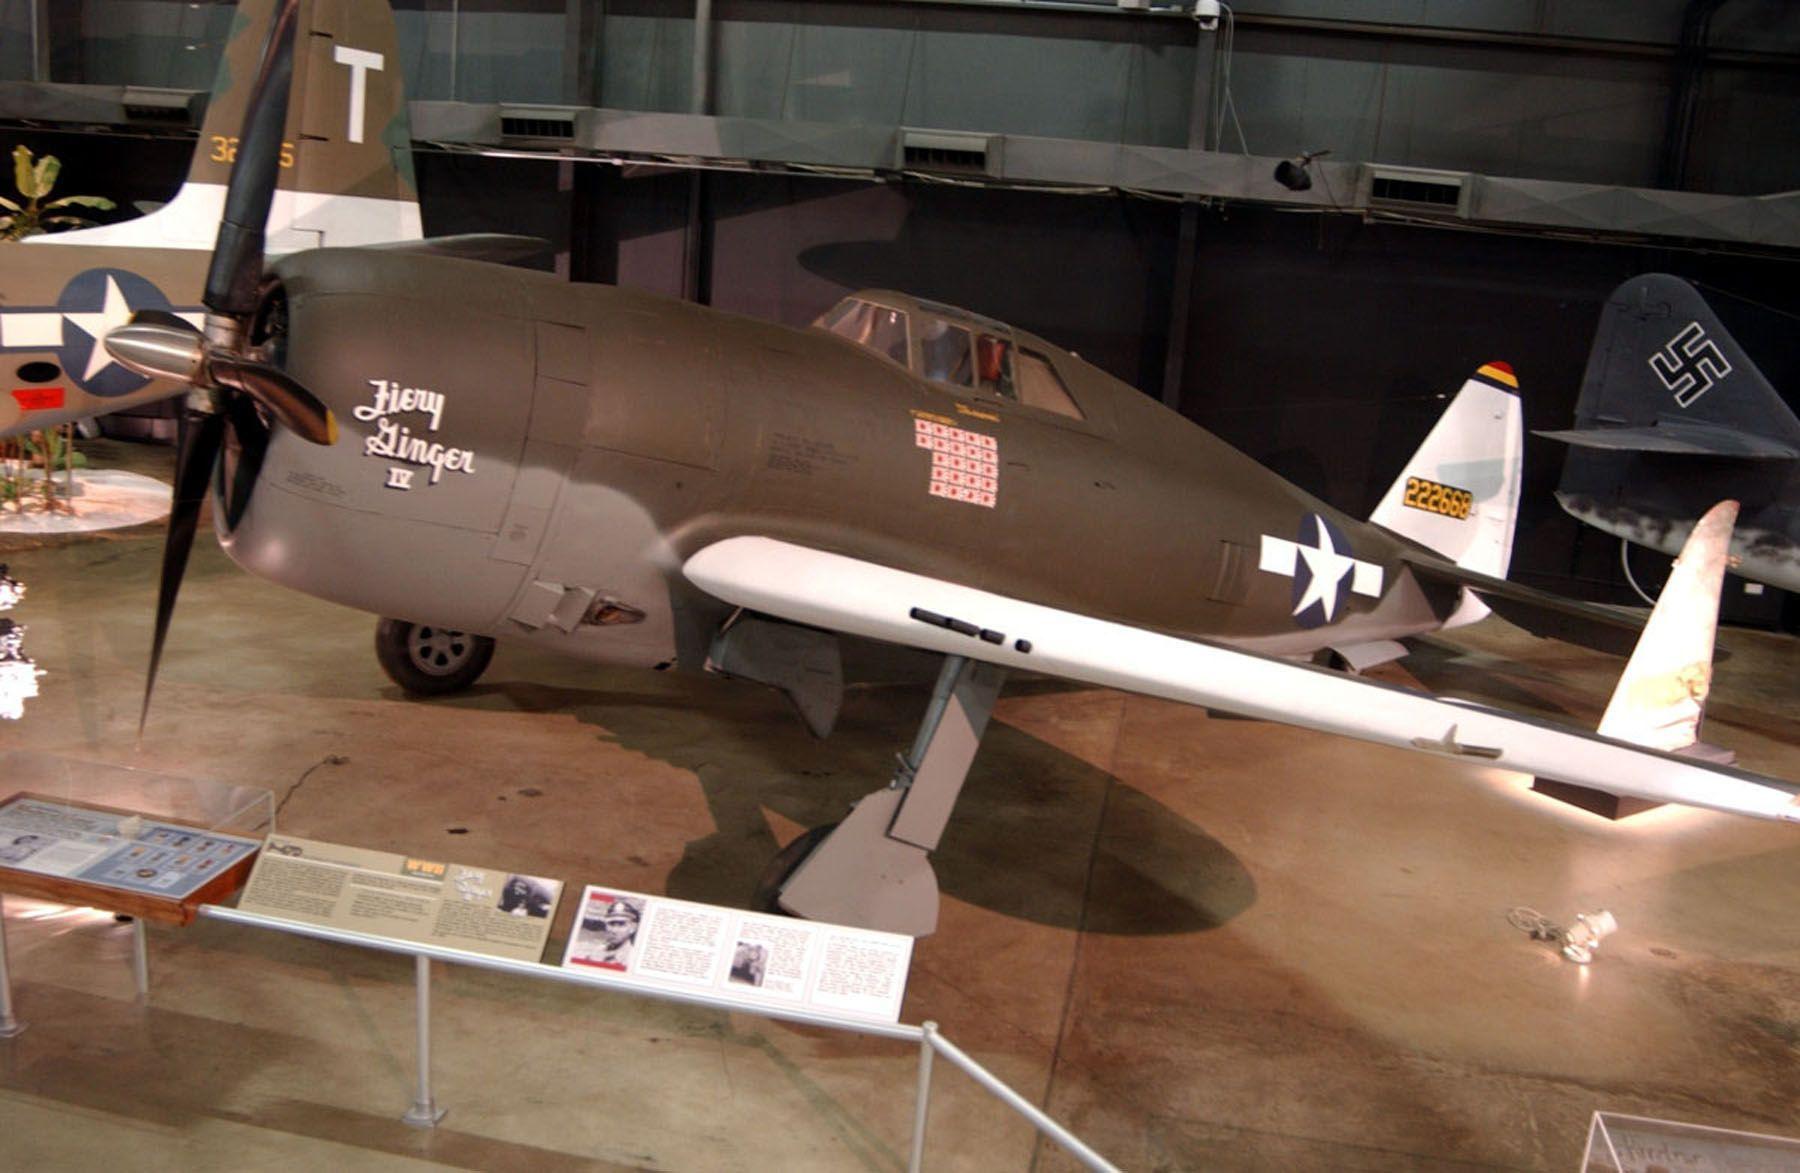 Pin on Dayton air museum